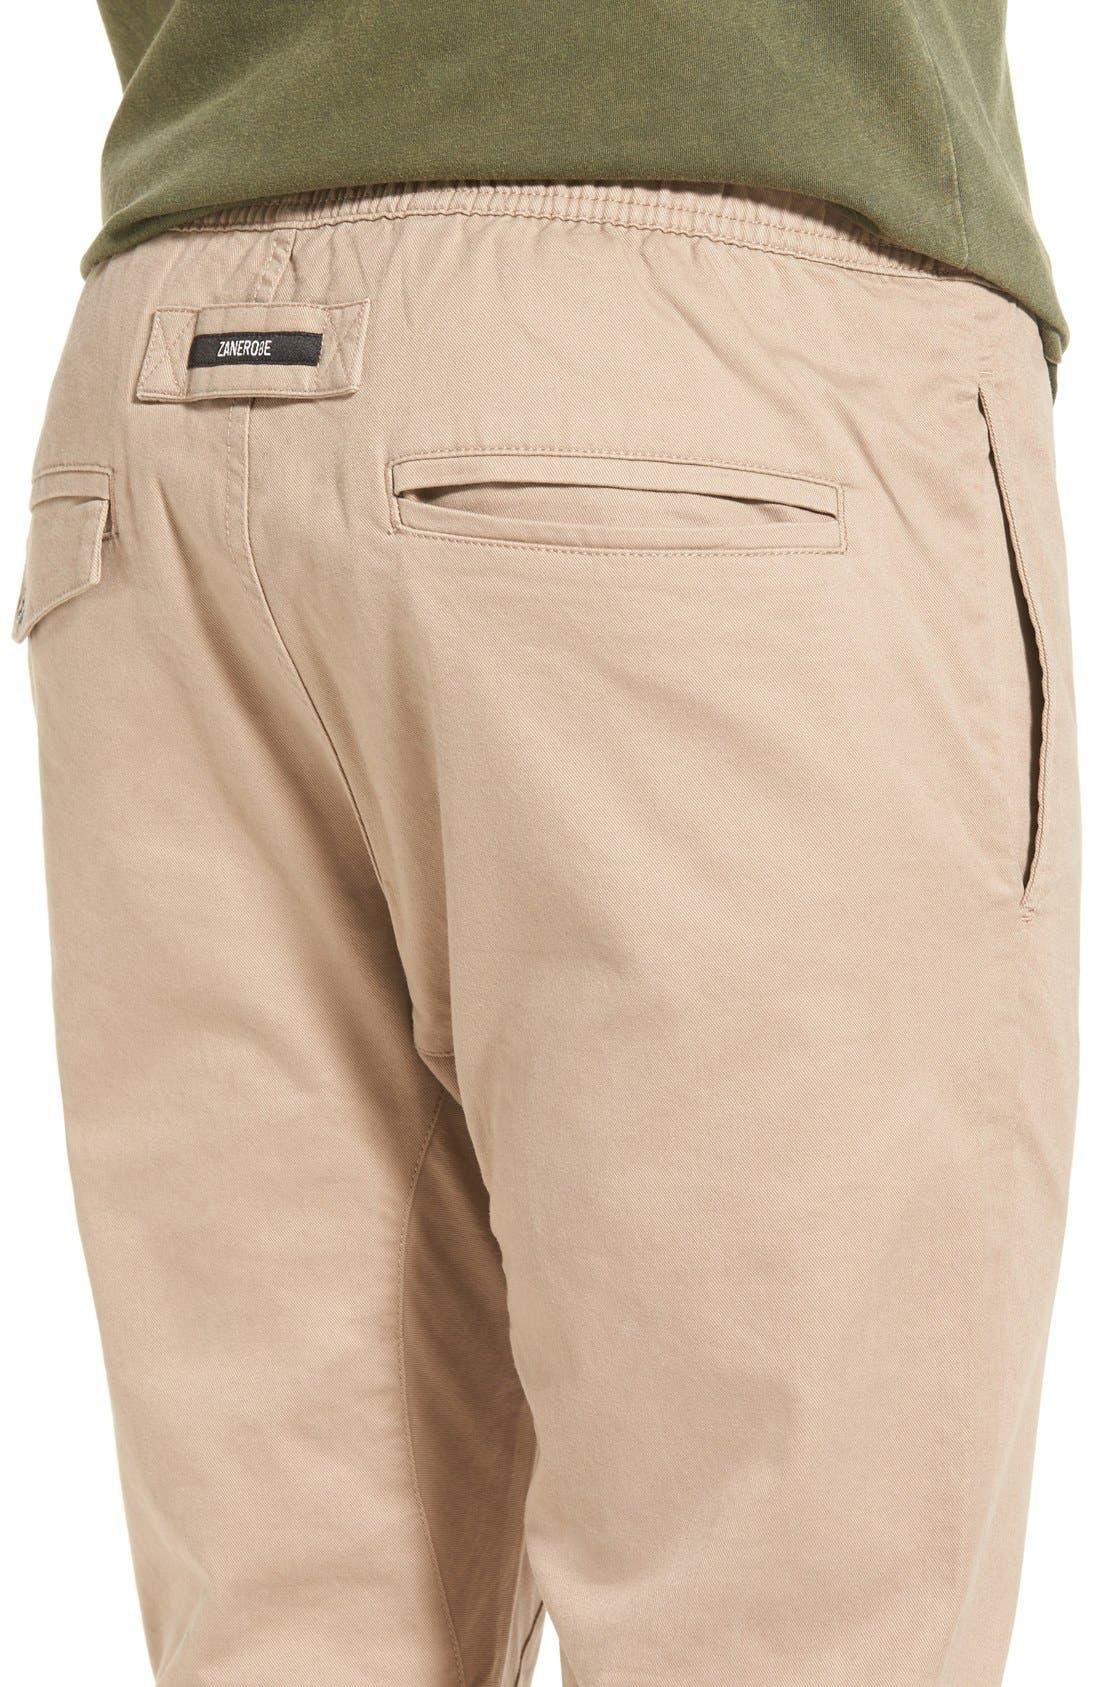 'Salerno' Chino Jogger Pants,                             Alternate thumbnail 4, color,                             Tan